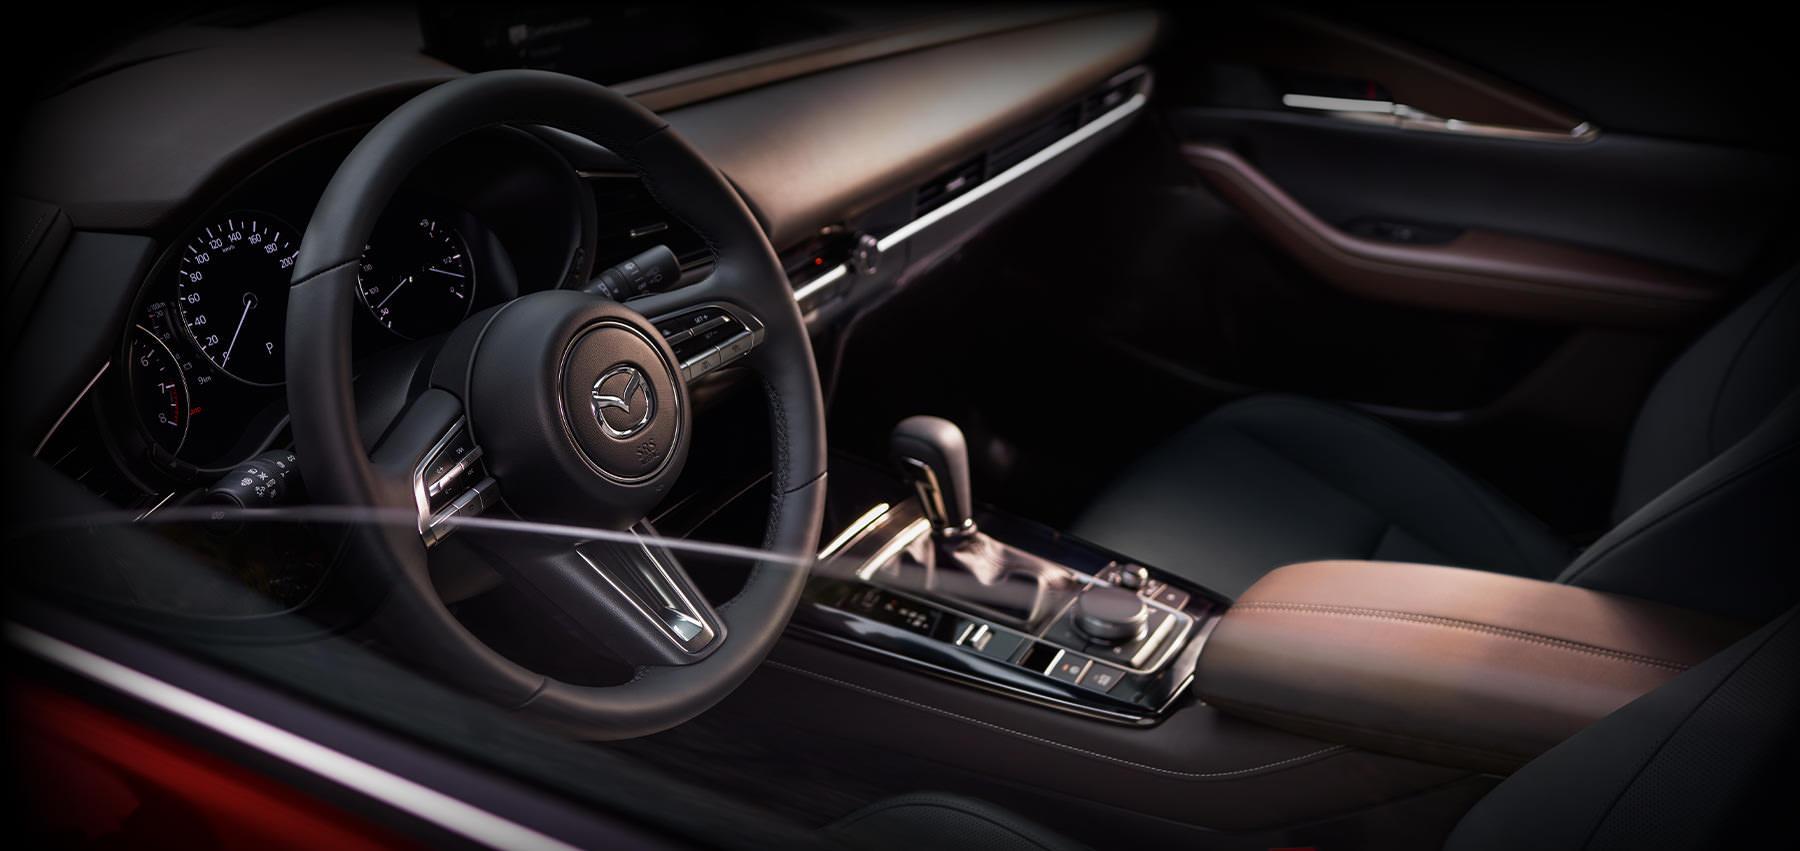 Mazda CX-30 bei Auto Stahl Modellabbildung, Innenansicht auf das Fahrercockpit, Innenraumfarbe mocca